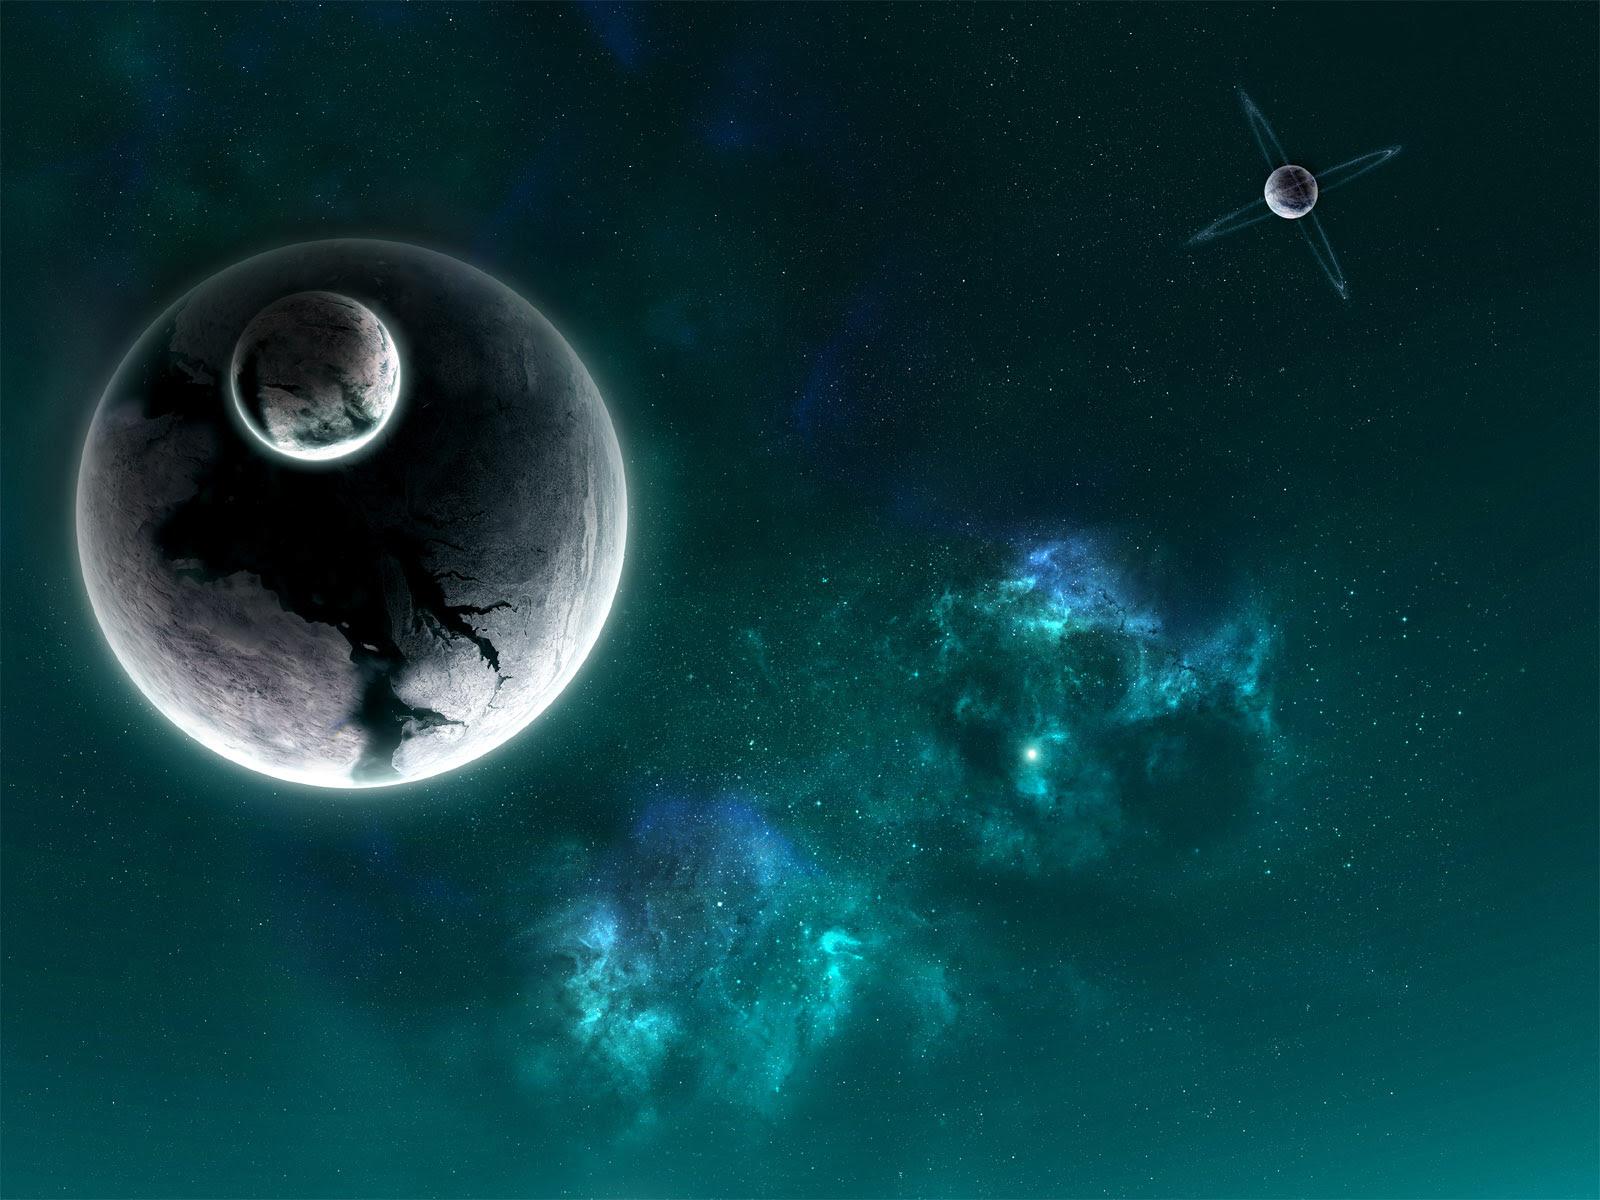 Beautiful Space Universe Hd